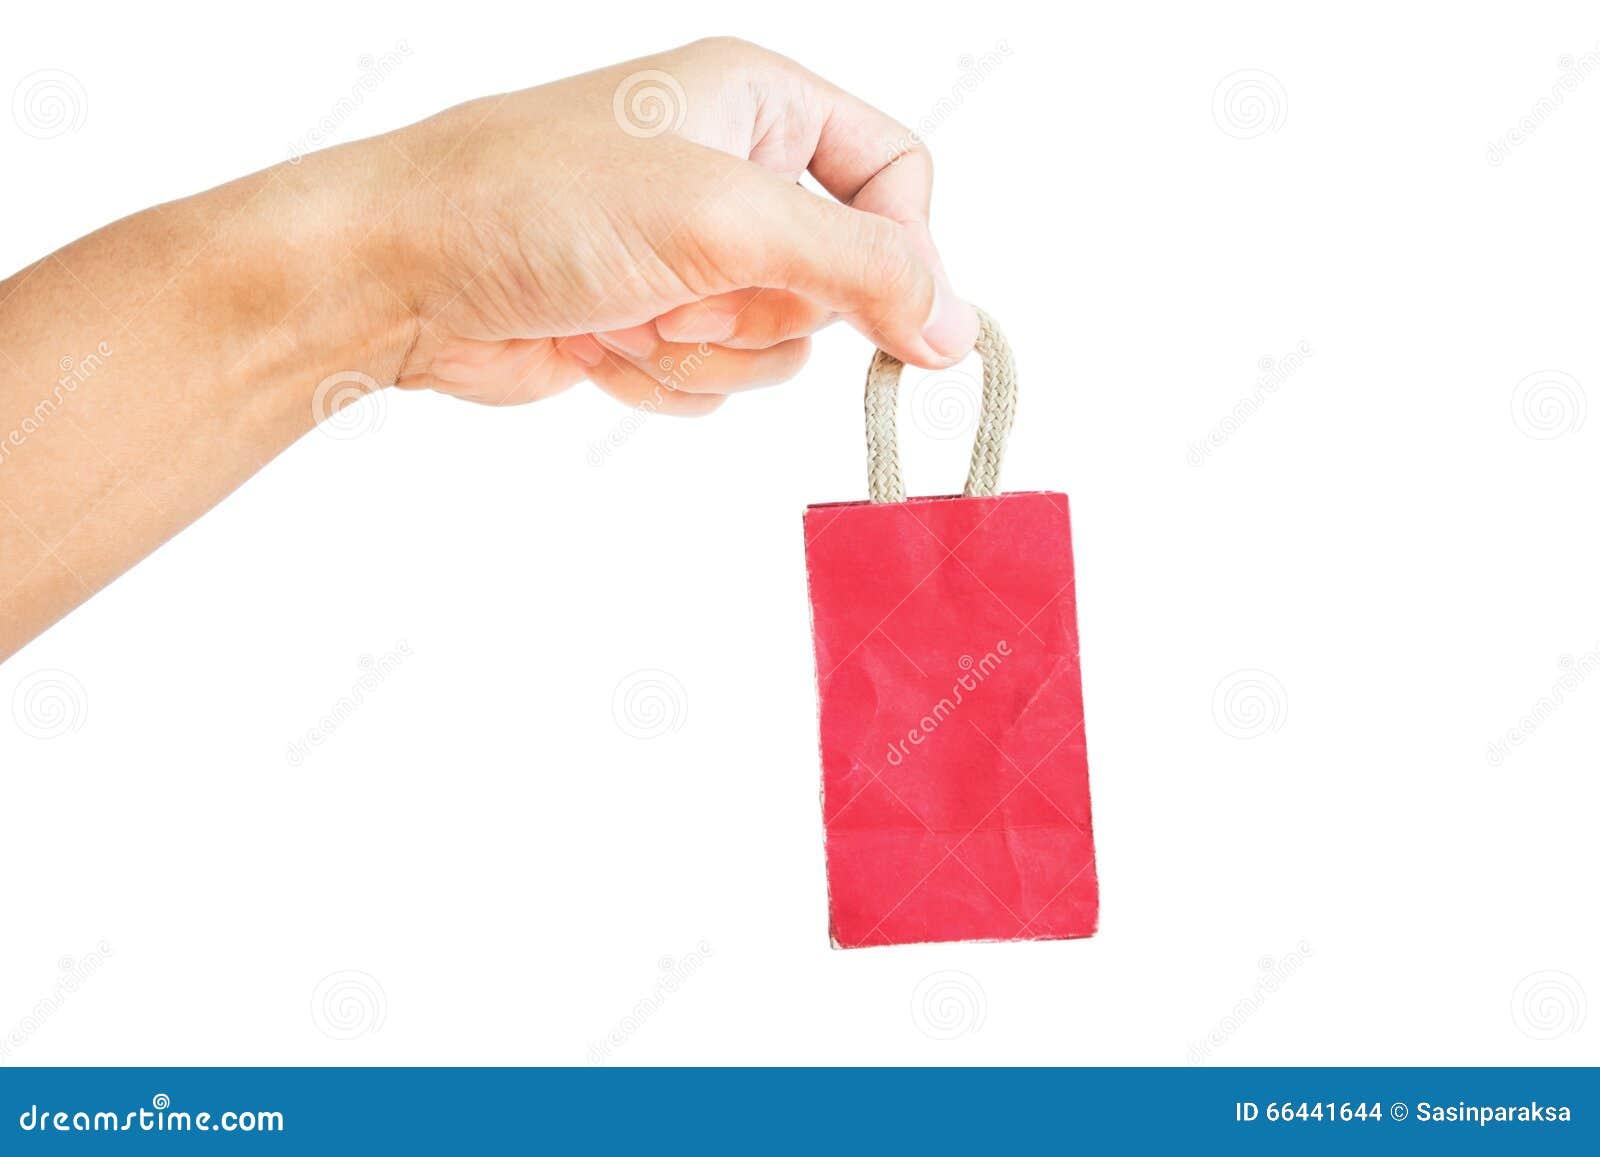 Entregue guardar pouco saco de compras vermelho, isolado no fundo branco